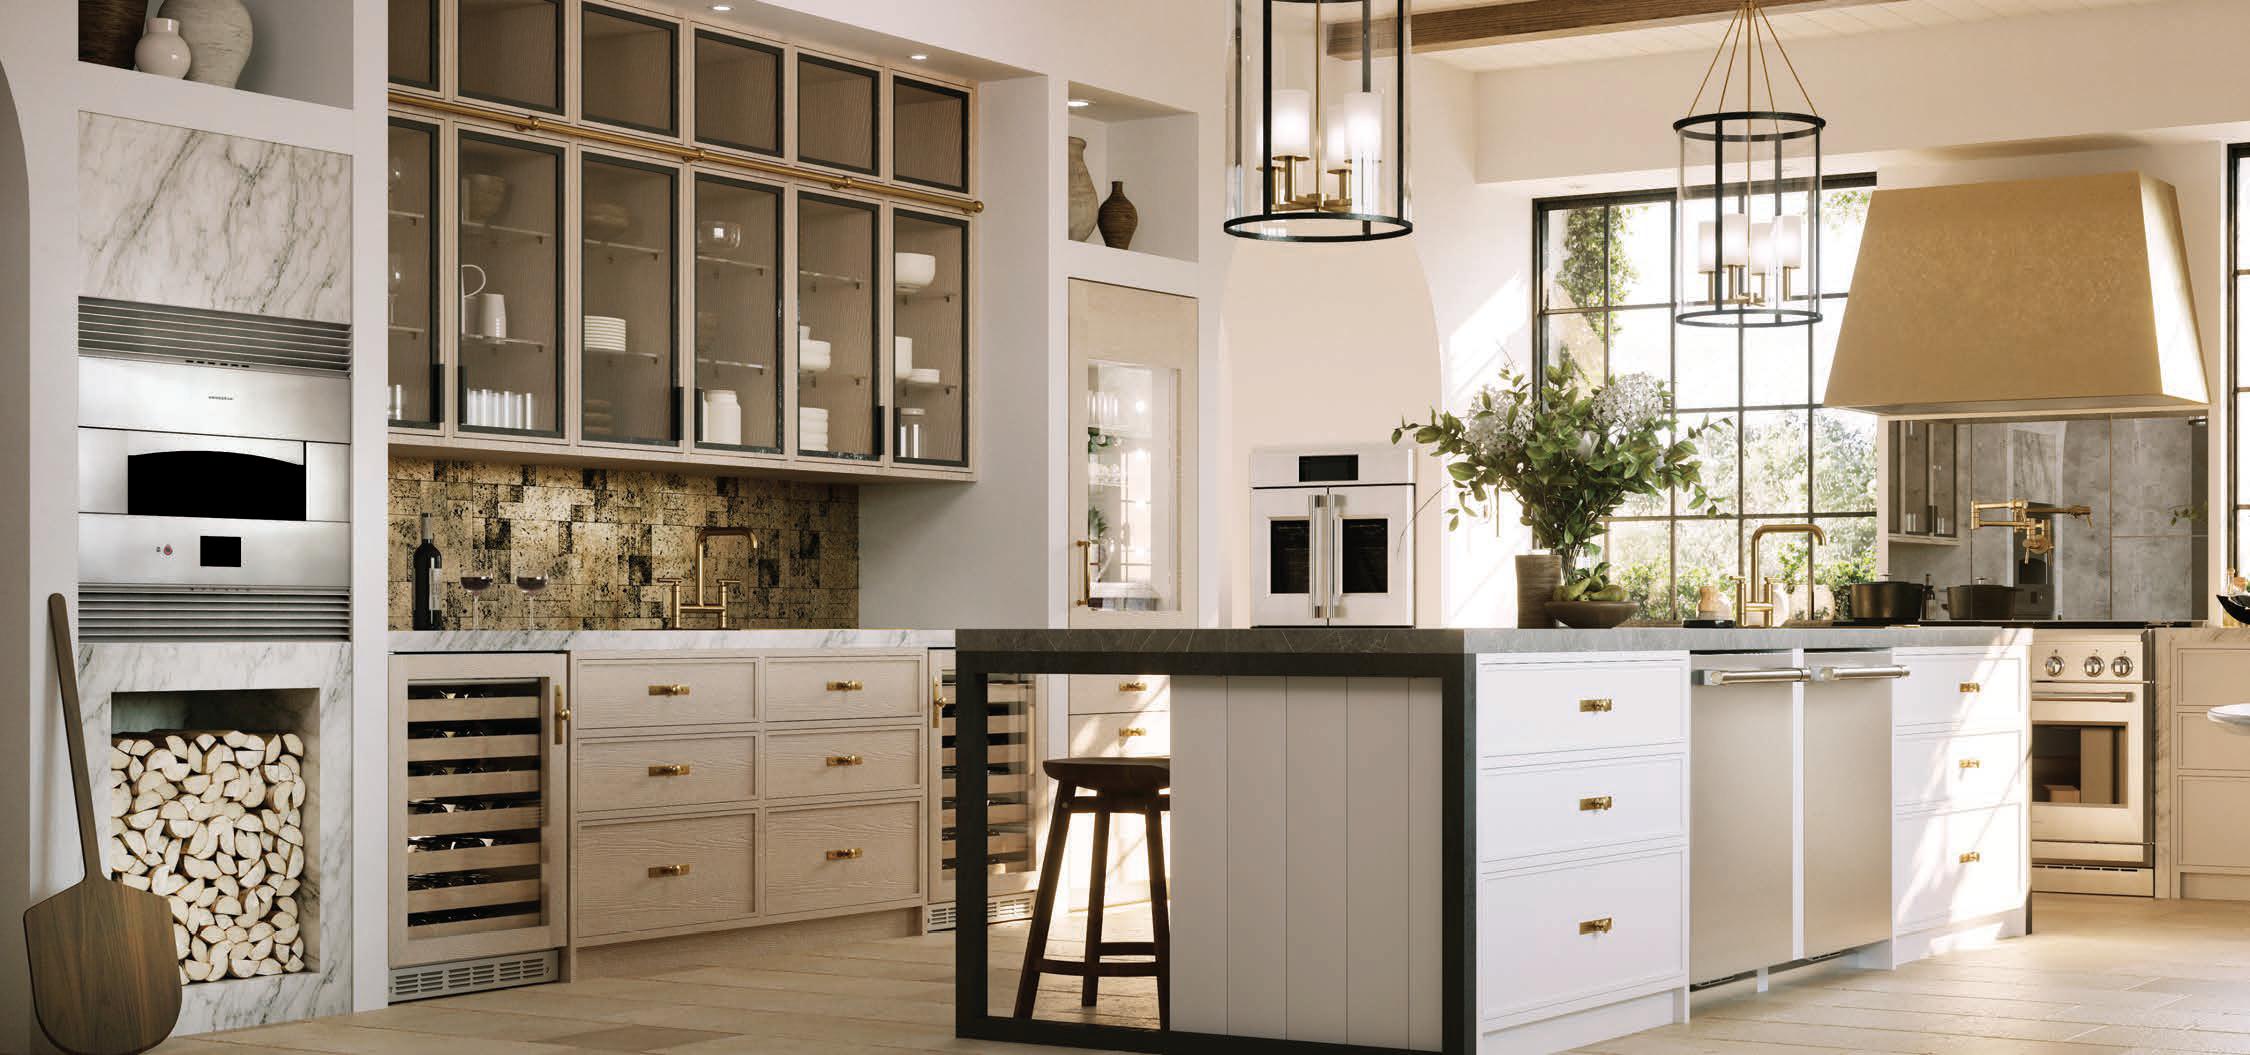 Monogram Statement Kitchen with Brass Finish Hood